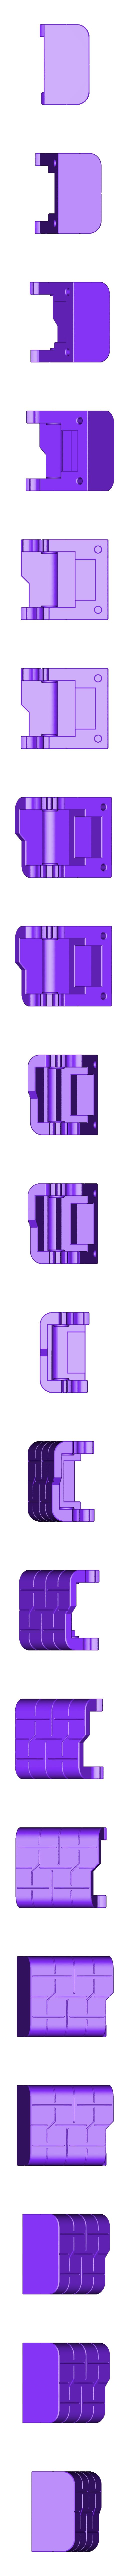 microcase_SD_outer_KaziToad.stl Télécharger fichier STL Etuis à microprocesseur : pour les cartes micro SD et autres petits objets • Design imprimable en 3D, KaziToad